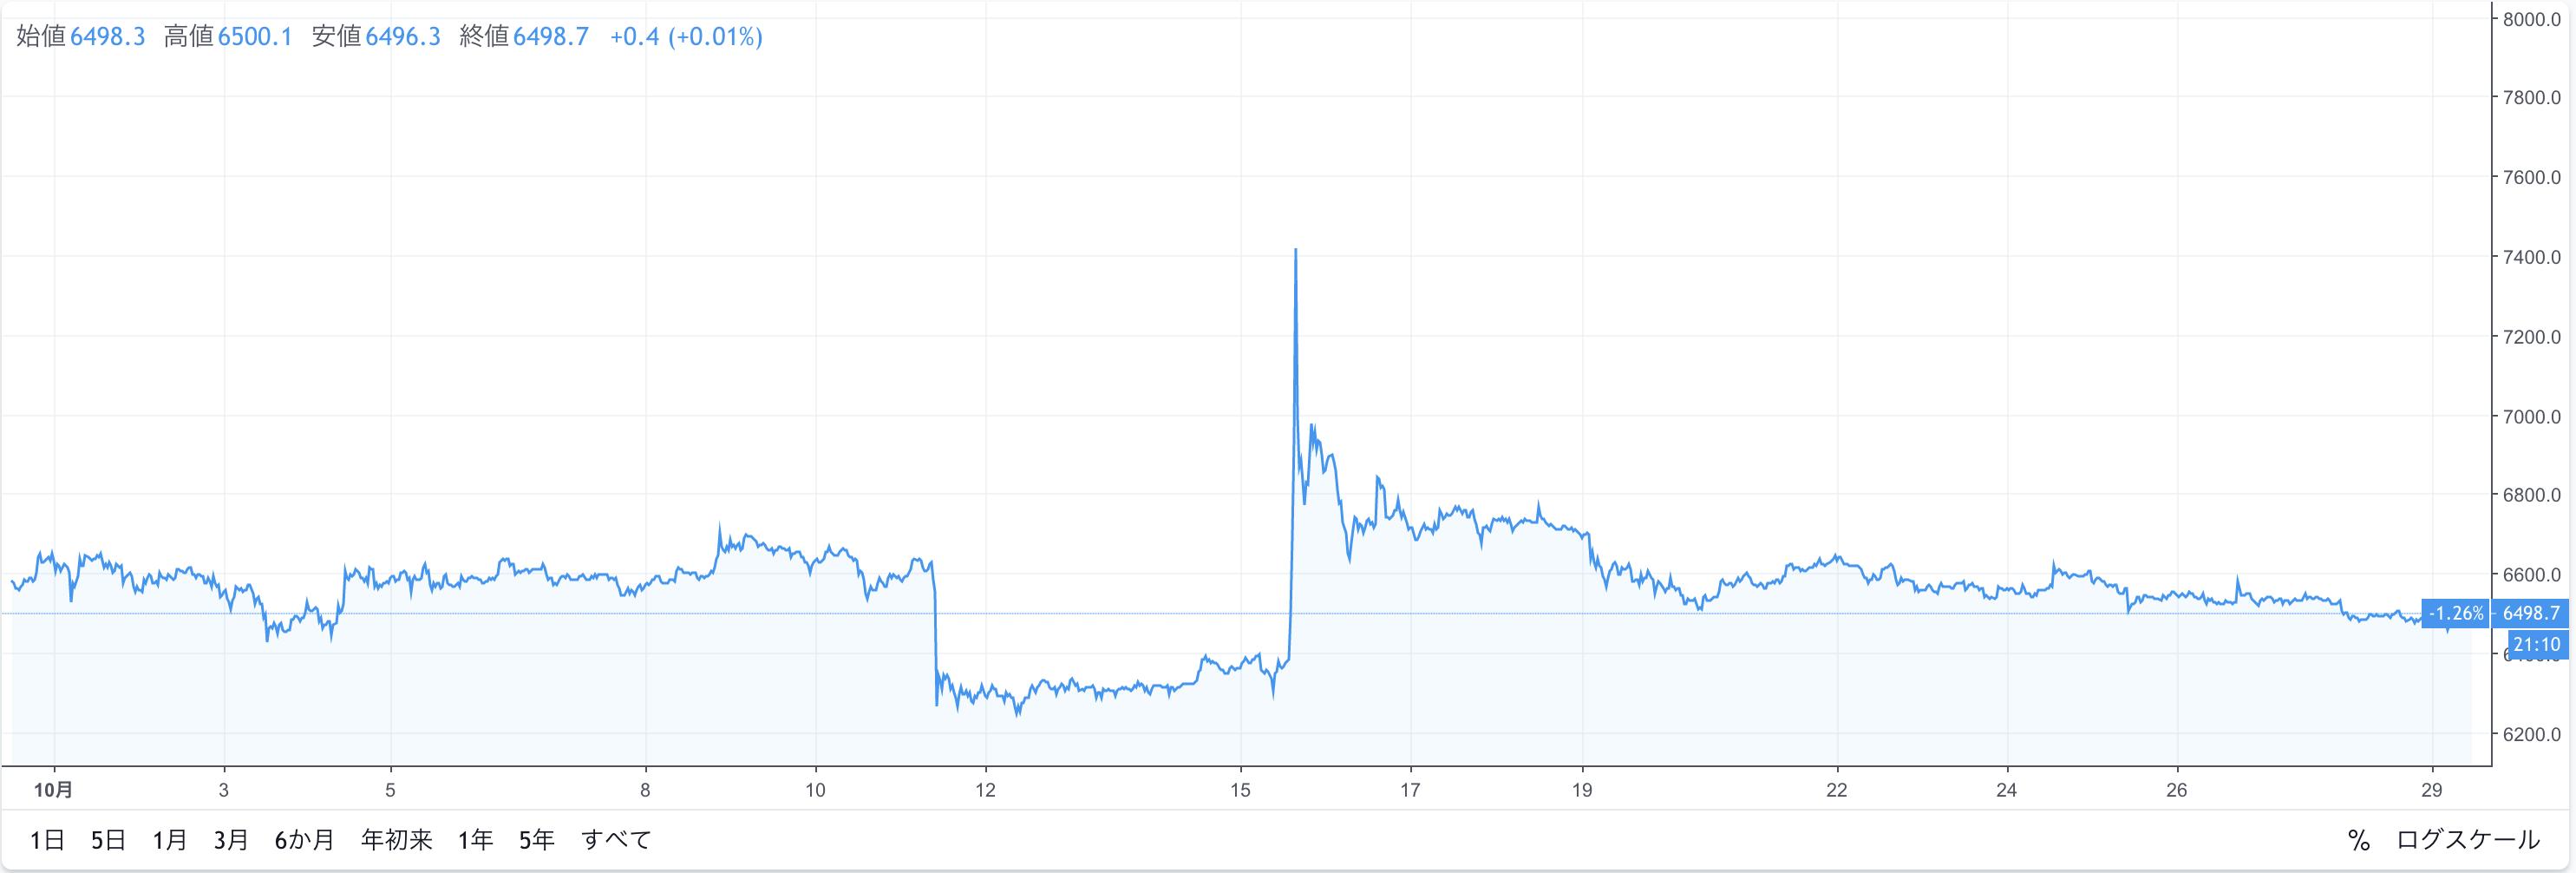 ビットコイン/ドル価格チャート